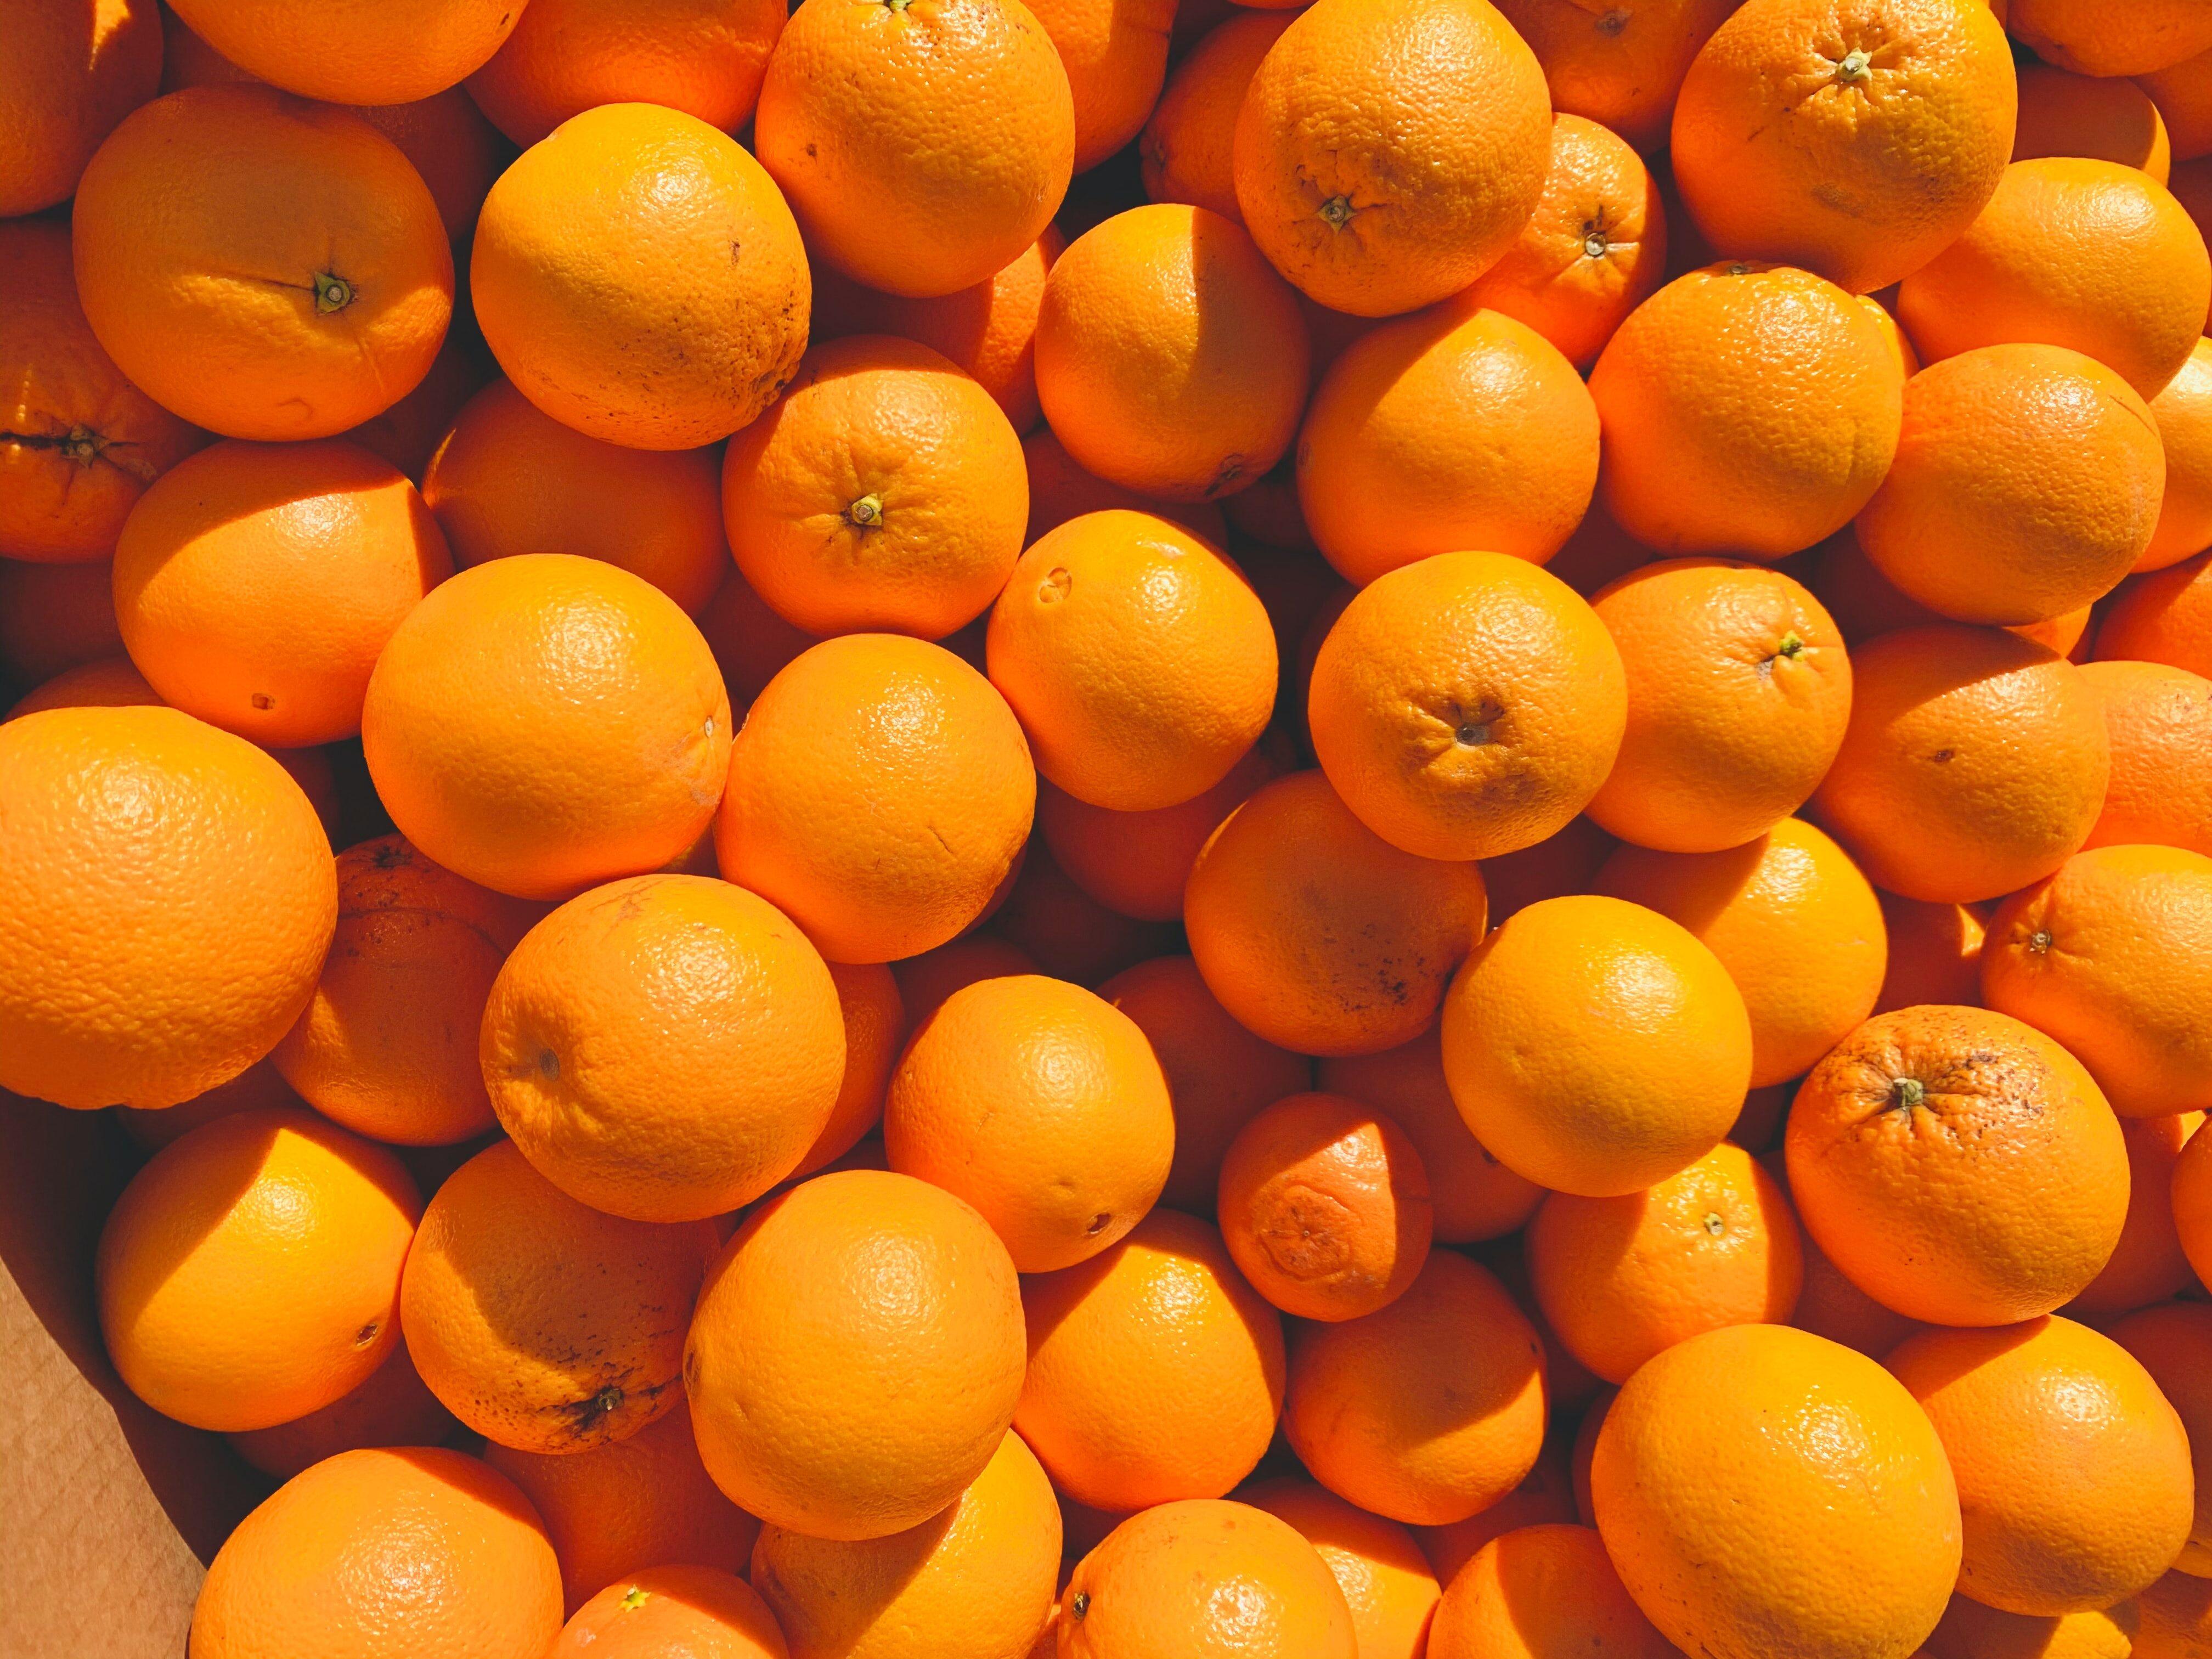 Barefruit or Barefoot